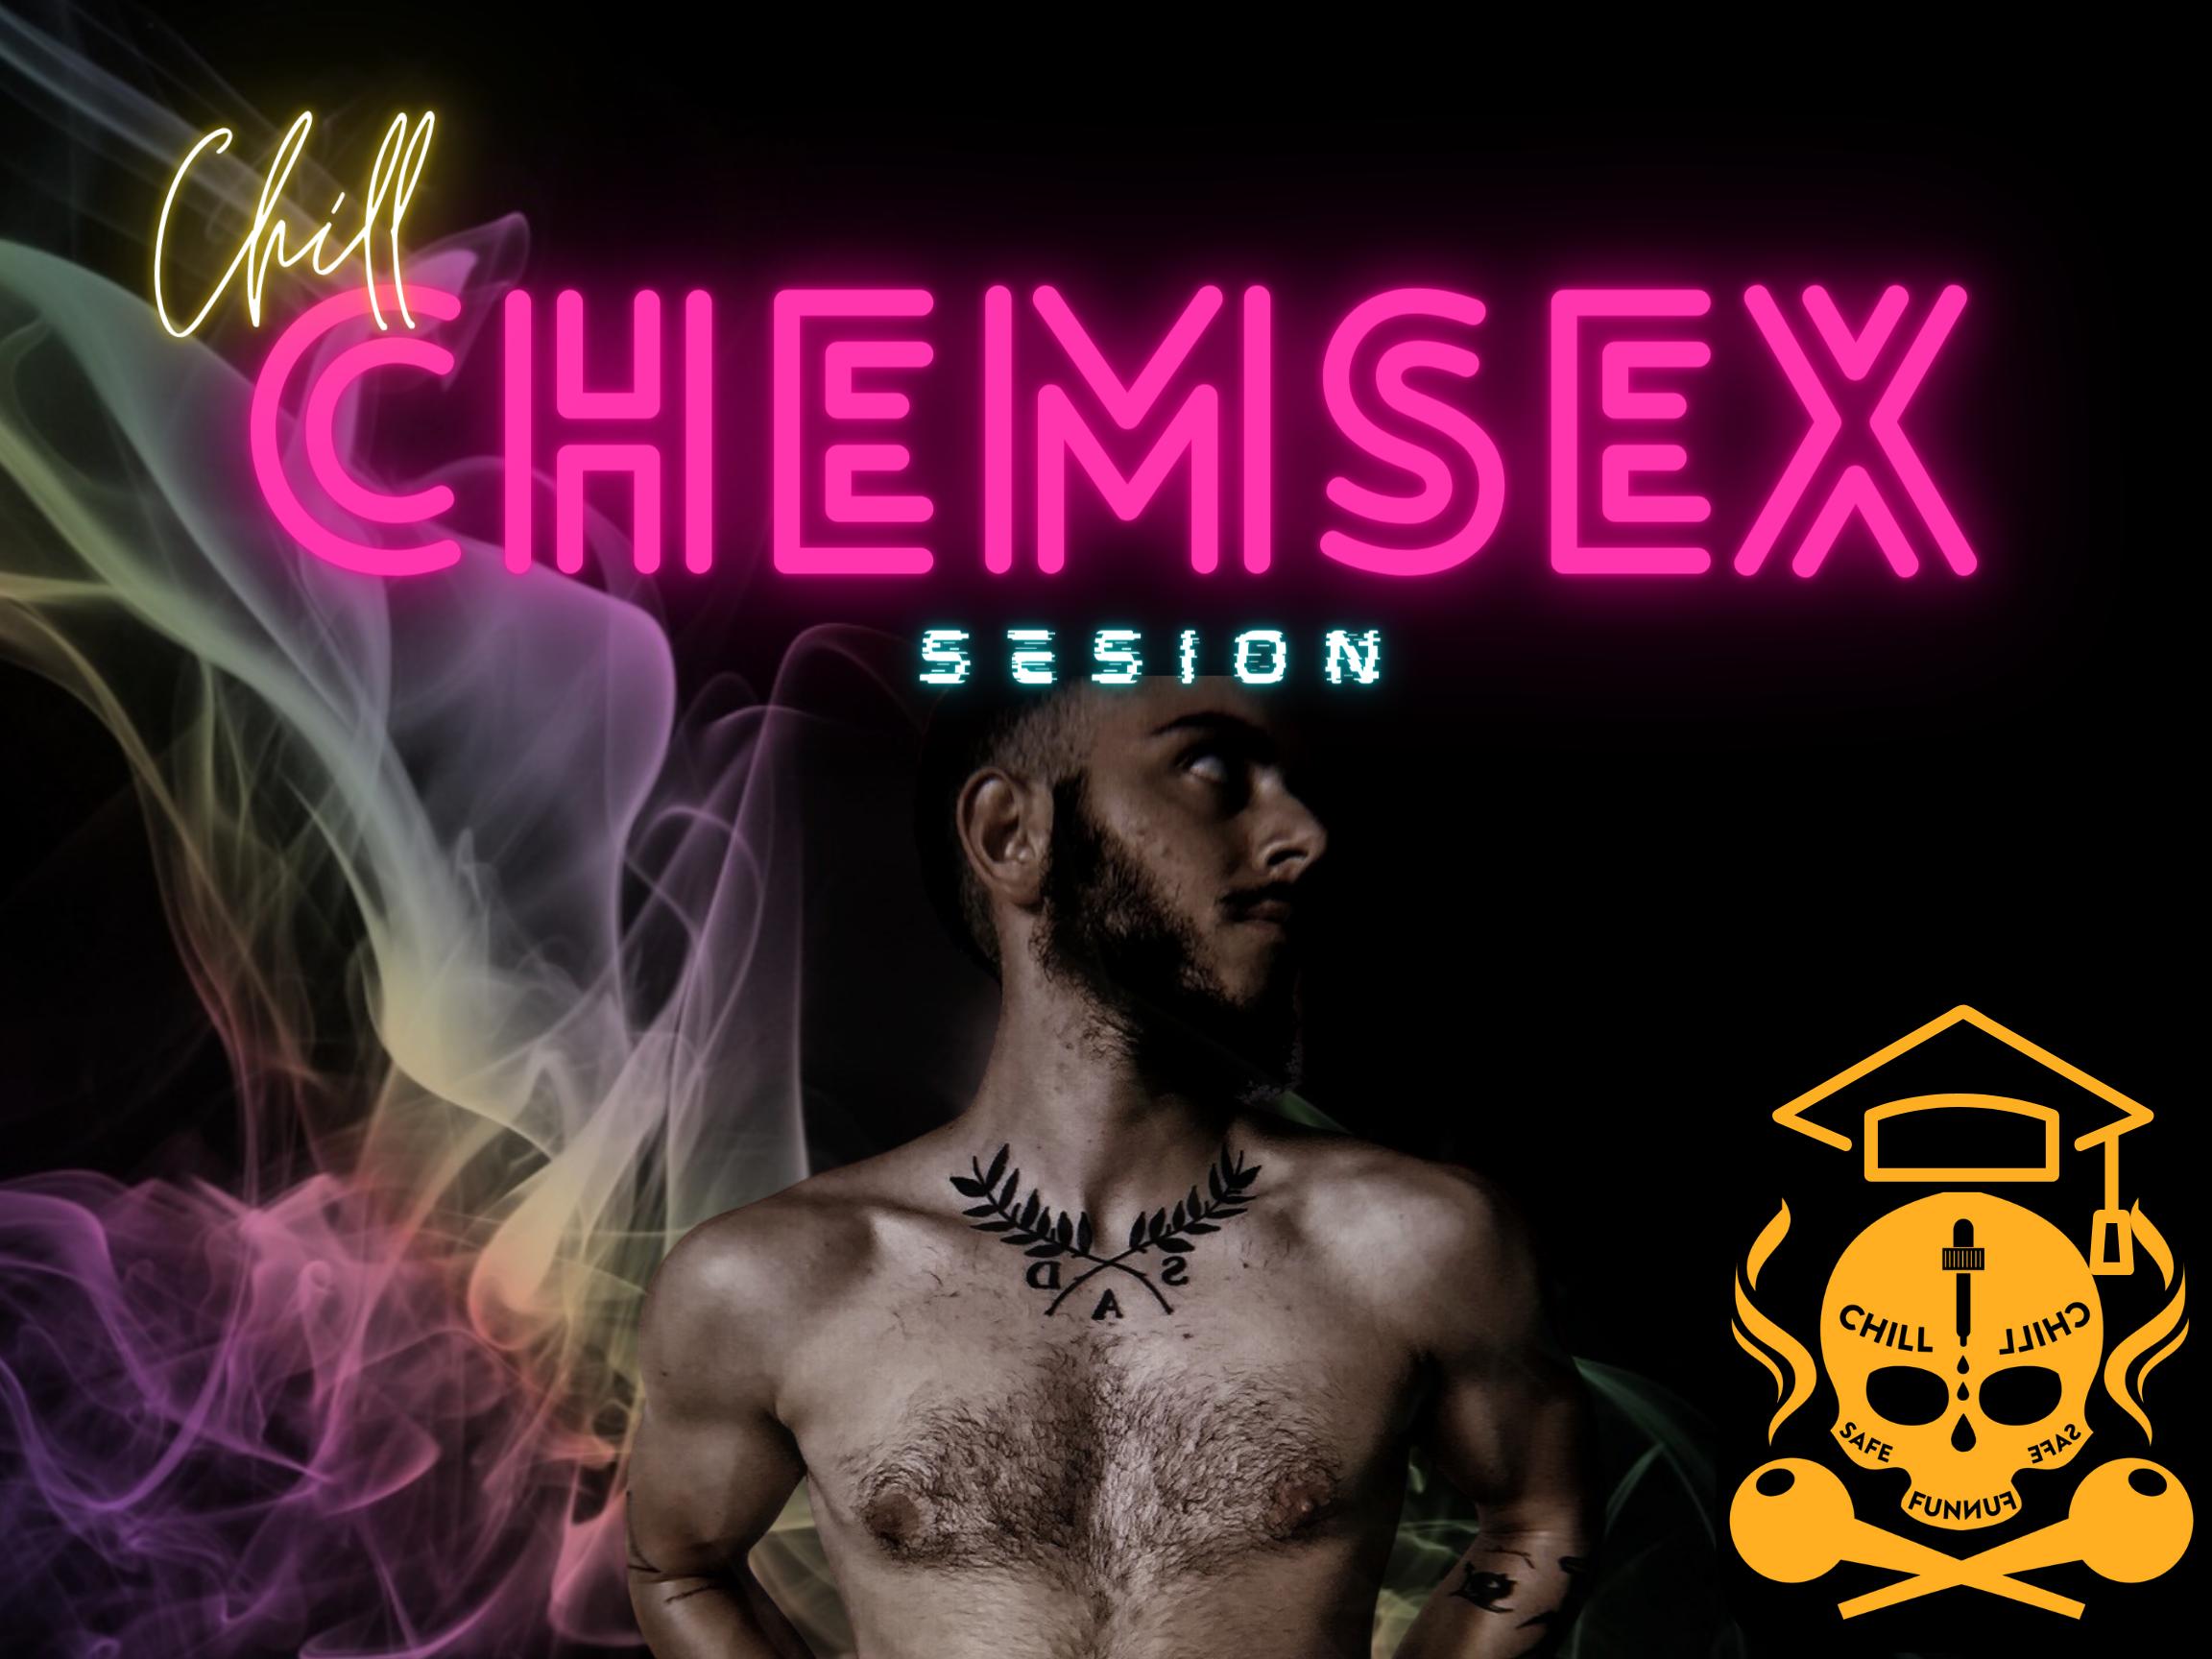 Encuentros formativos para la gestión de placeres y riesgos destinados a personas usuarias de ChemSex. Para más información: chemsafe@energycontrol.org